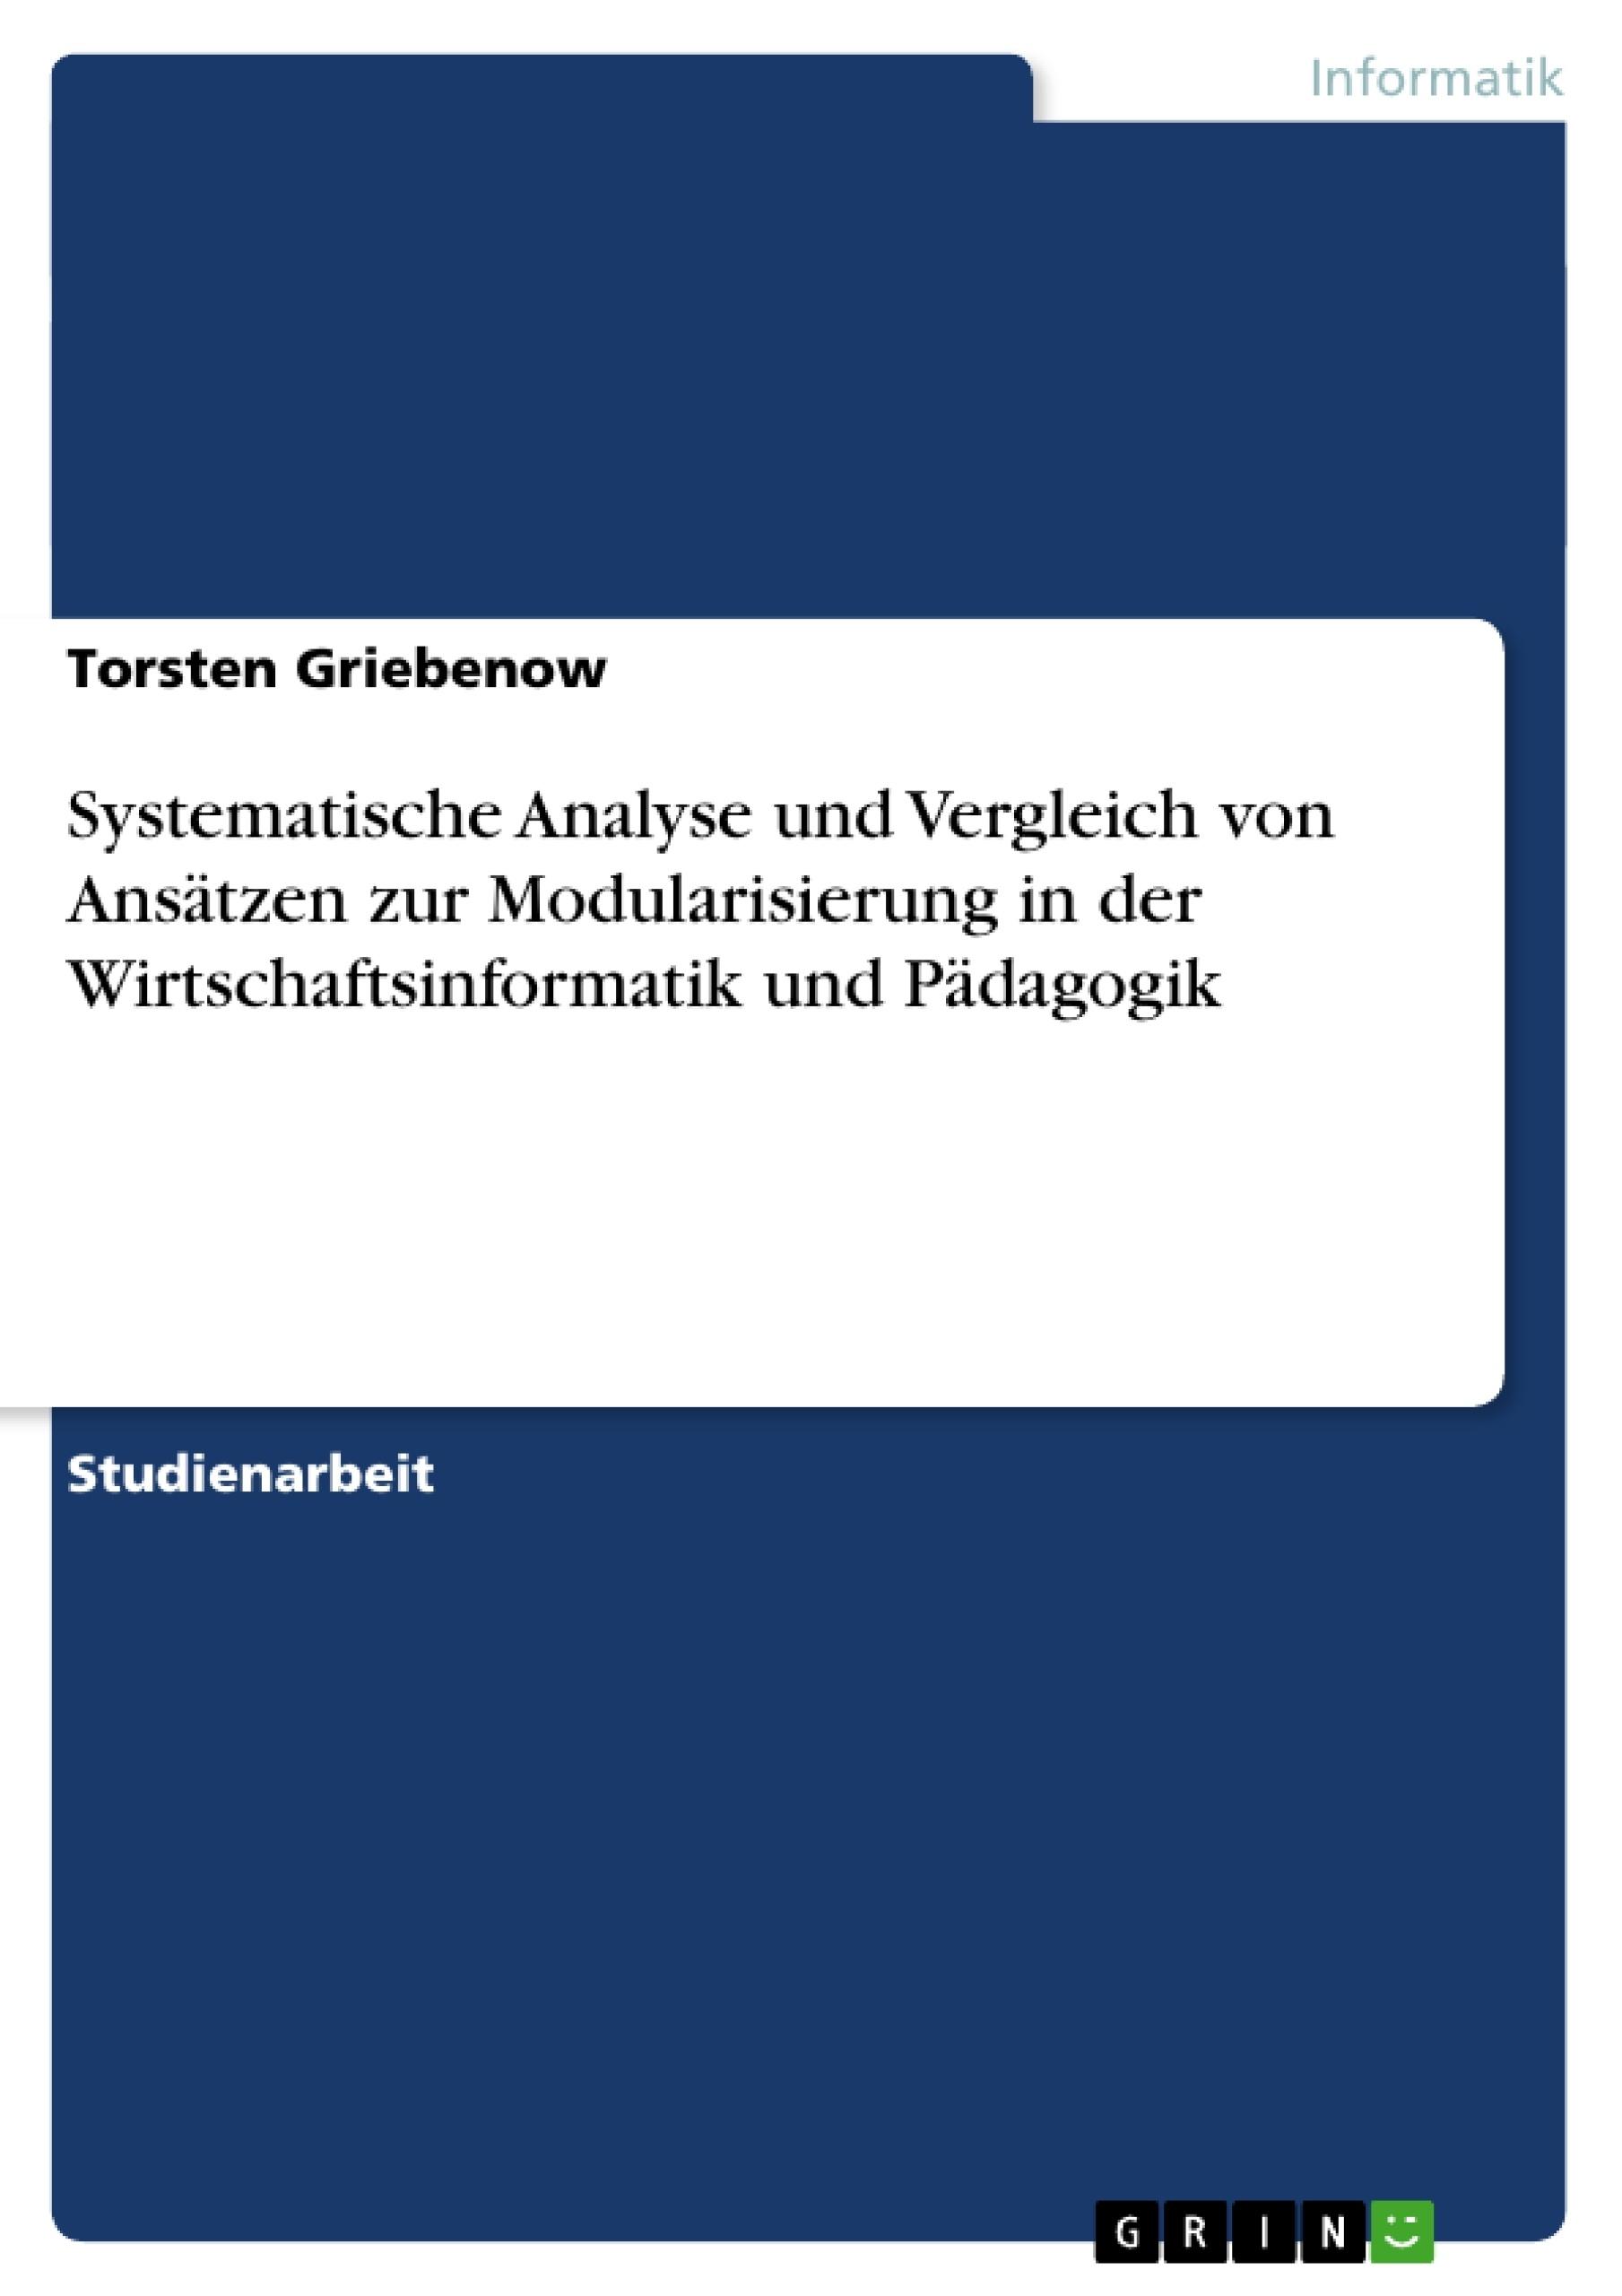 Titel: Systematische Analyse und Vergleich von Ansätzen zur Modularisierung in der Wirtschaftsinformatik und Pädagogik